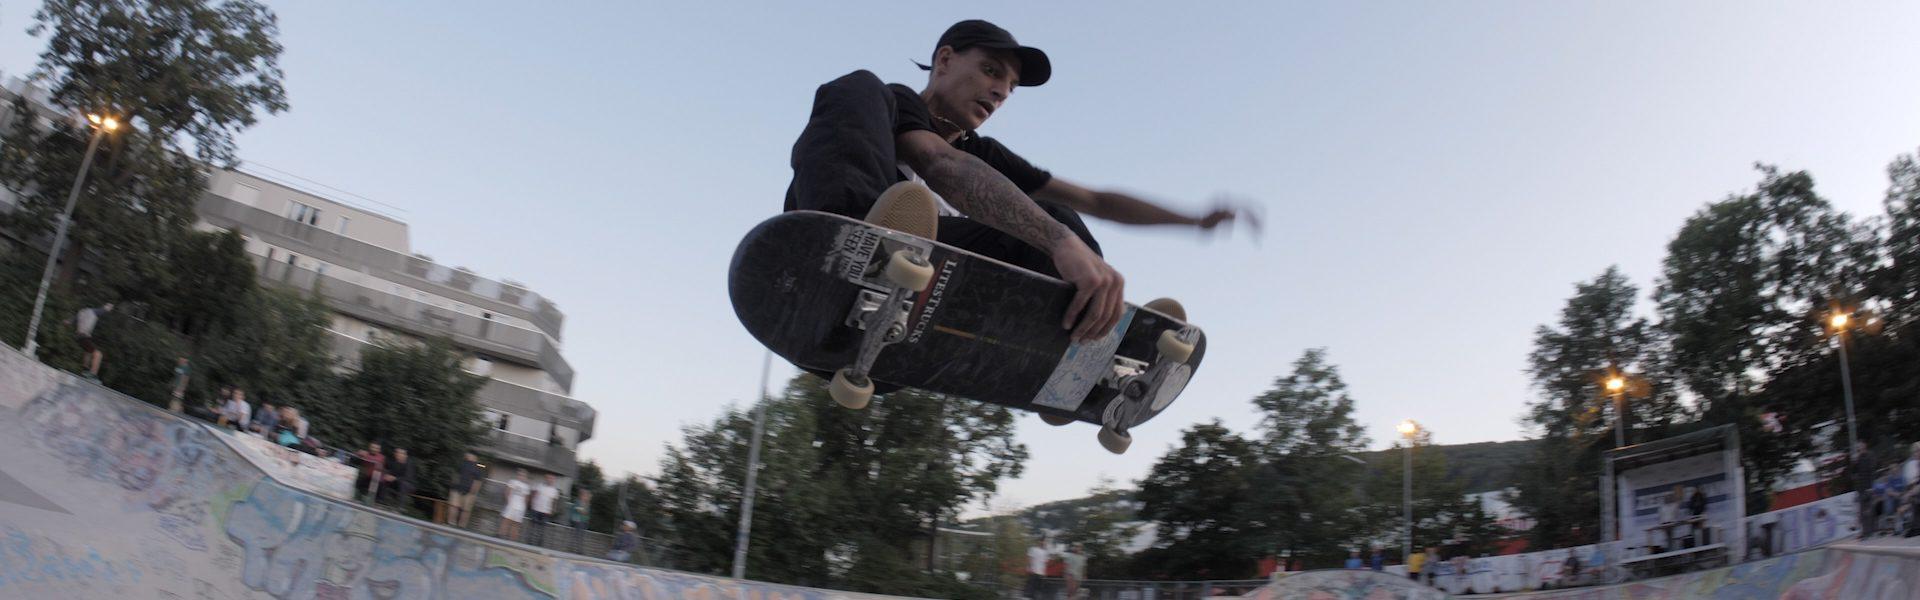 Skater_BS_Grab